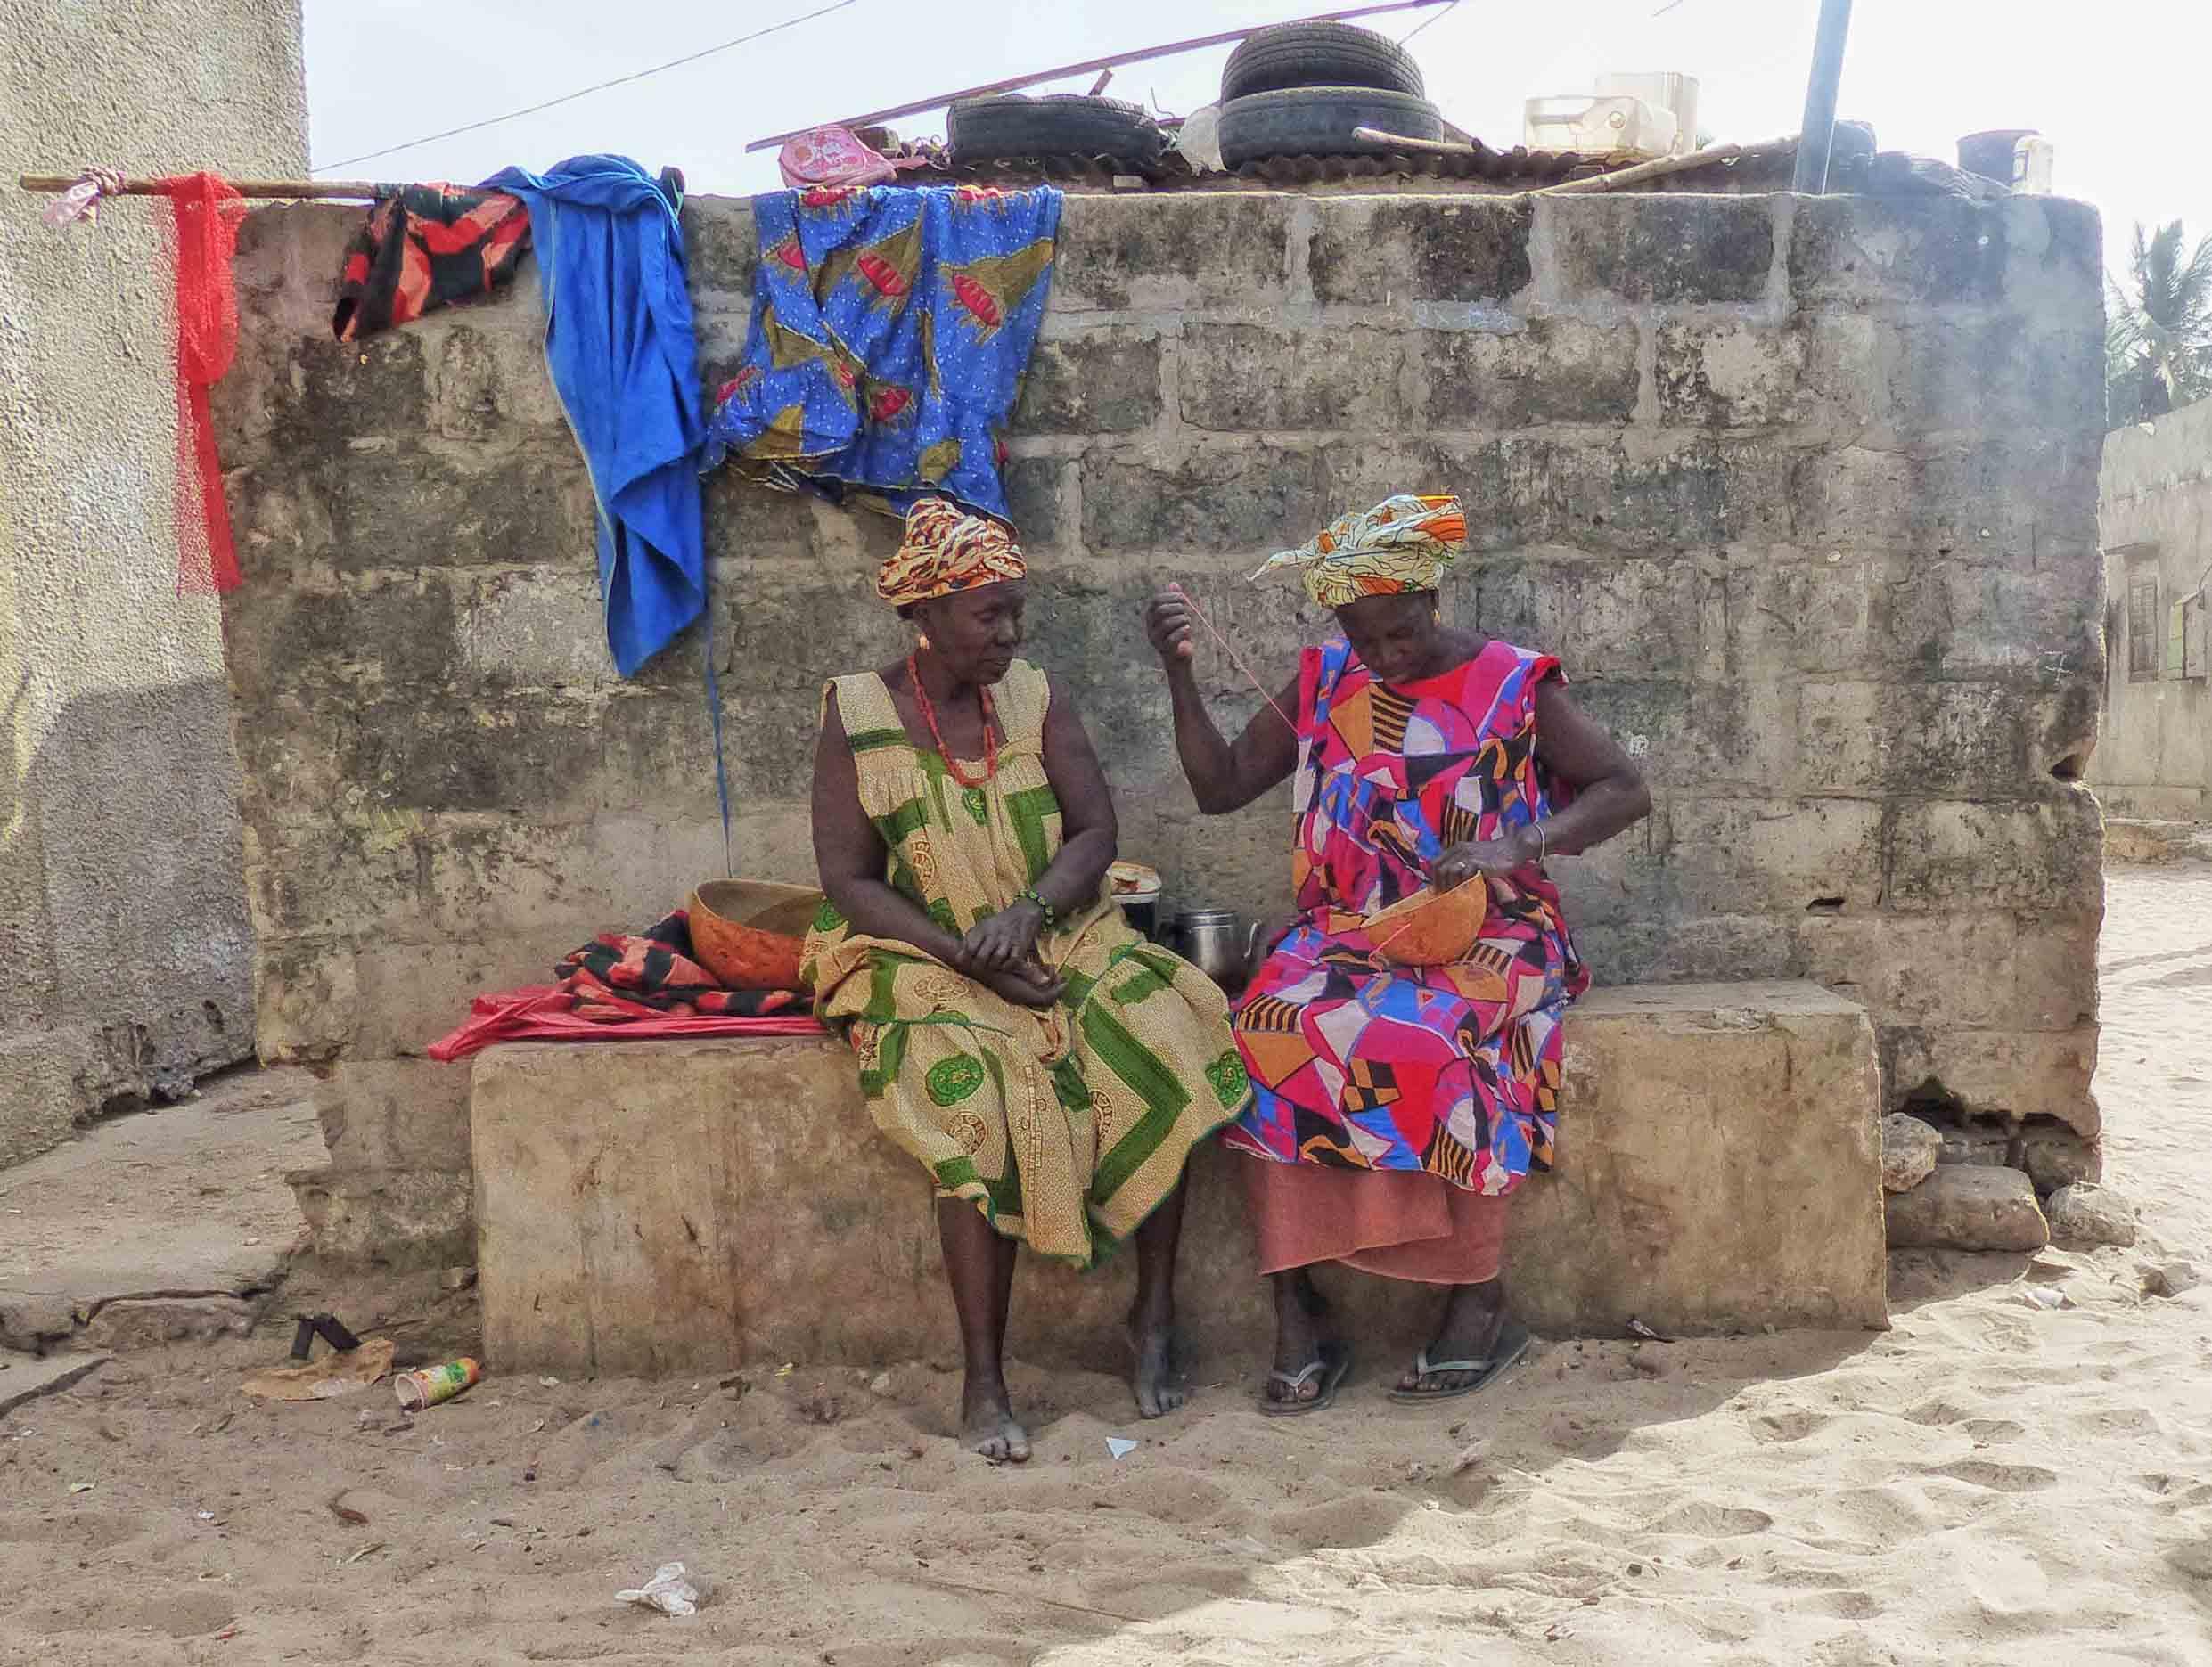 Two women in African dress making baskets